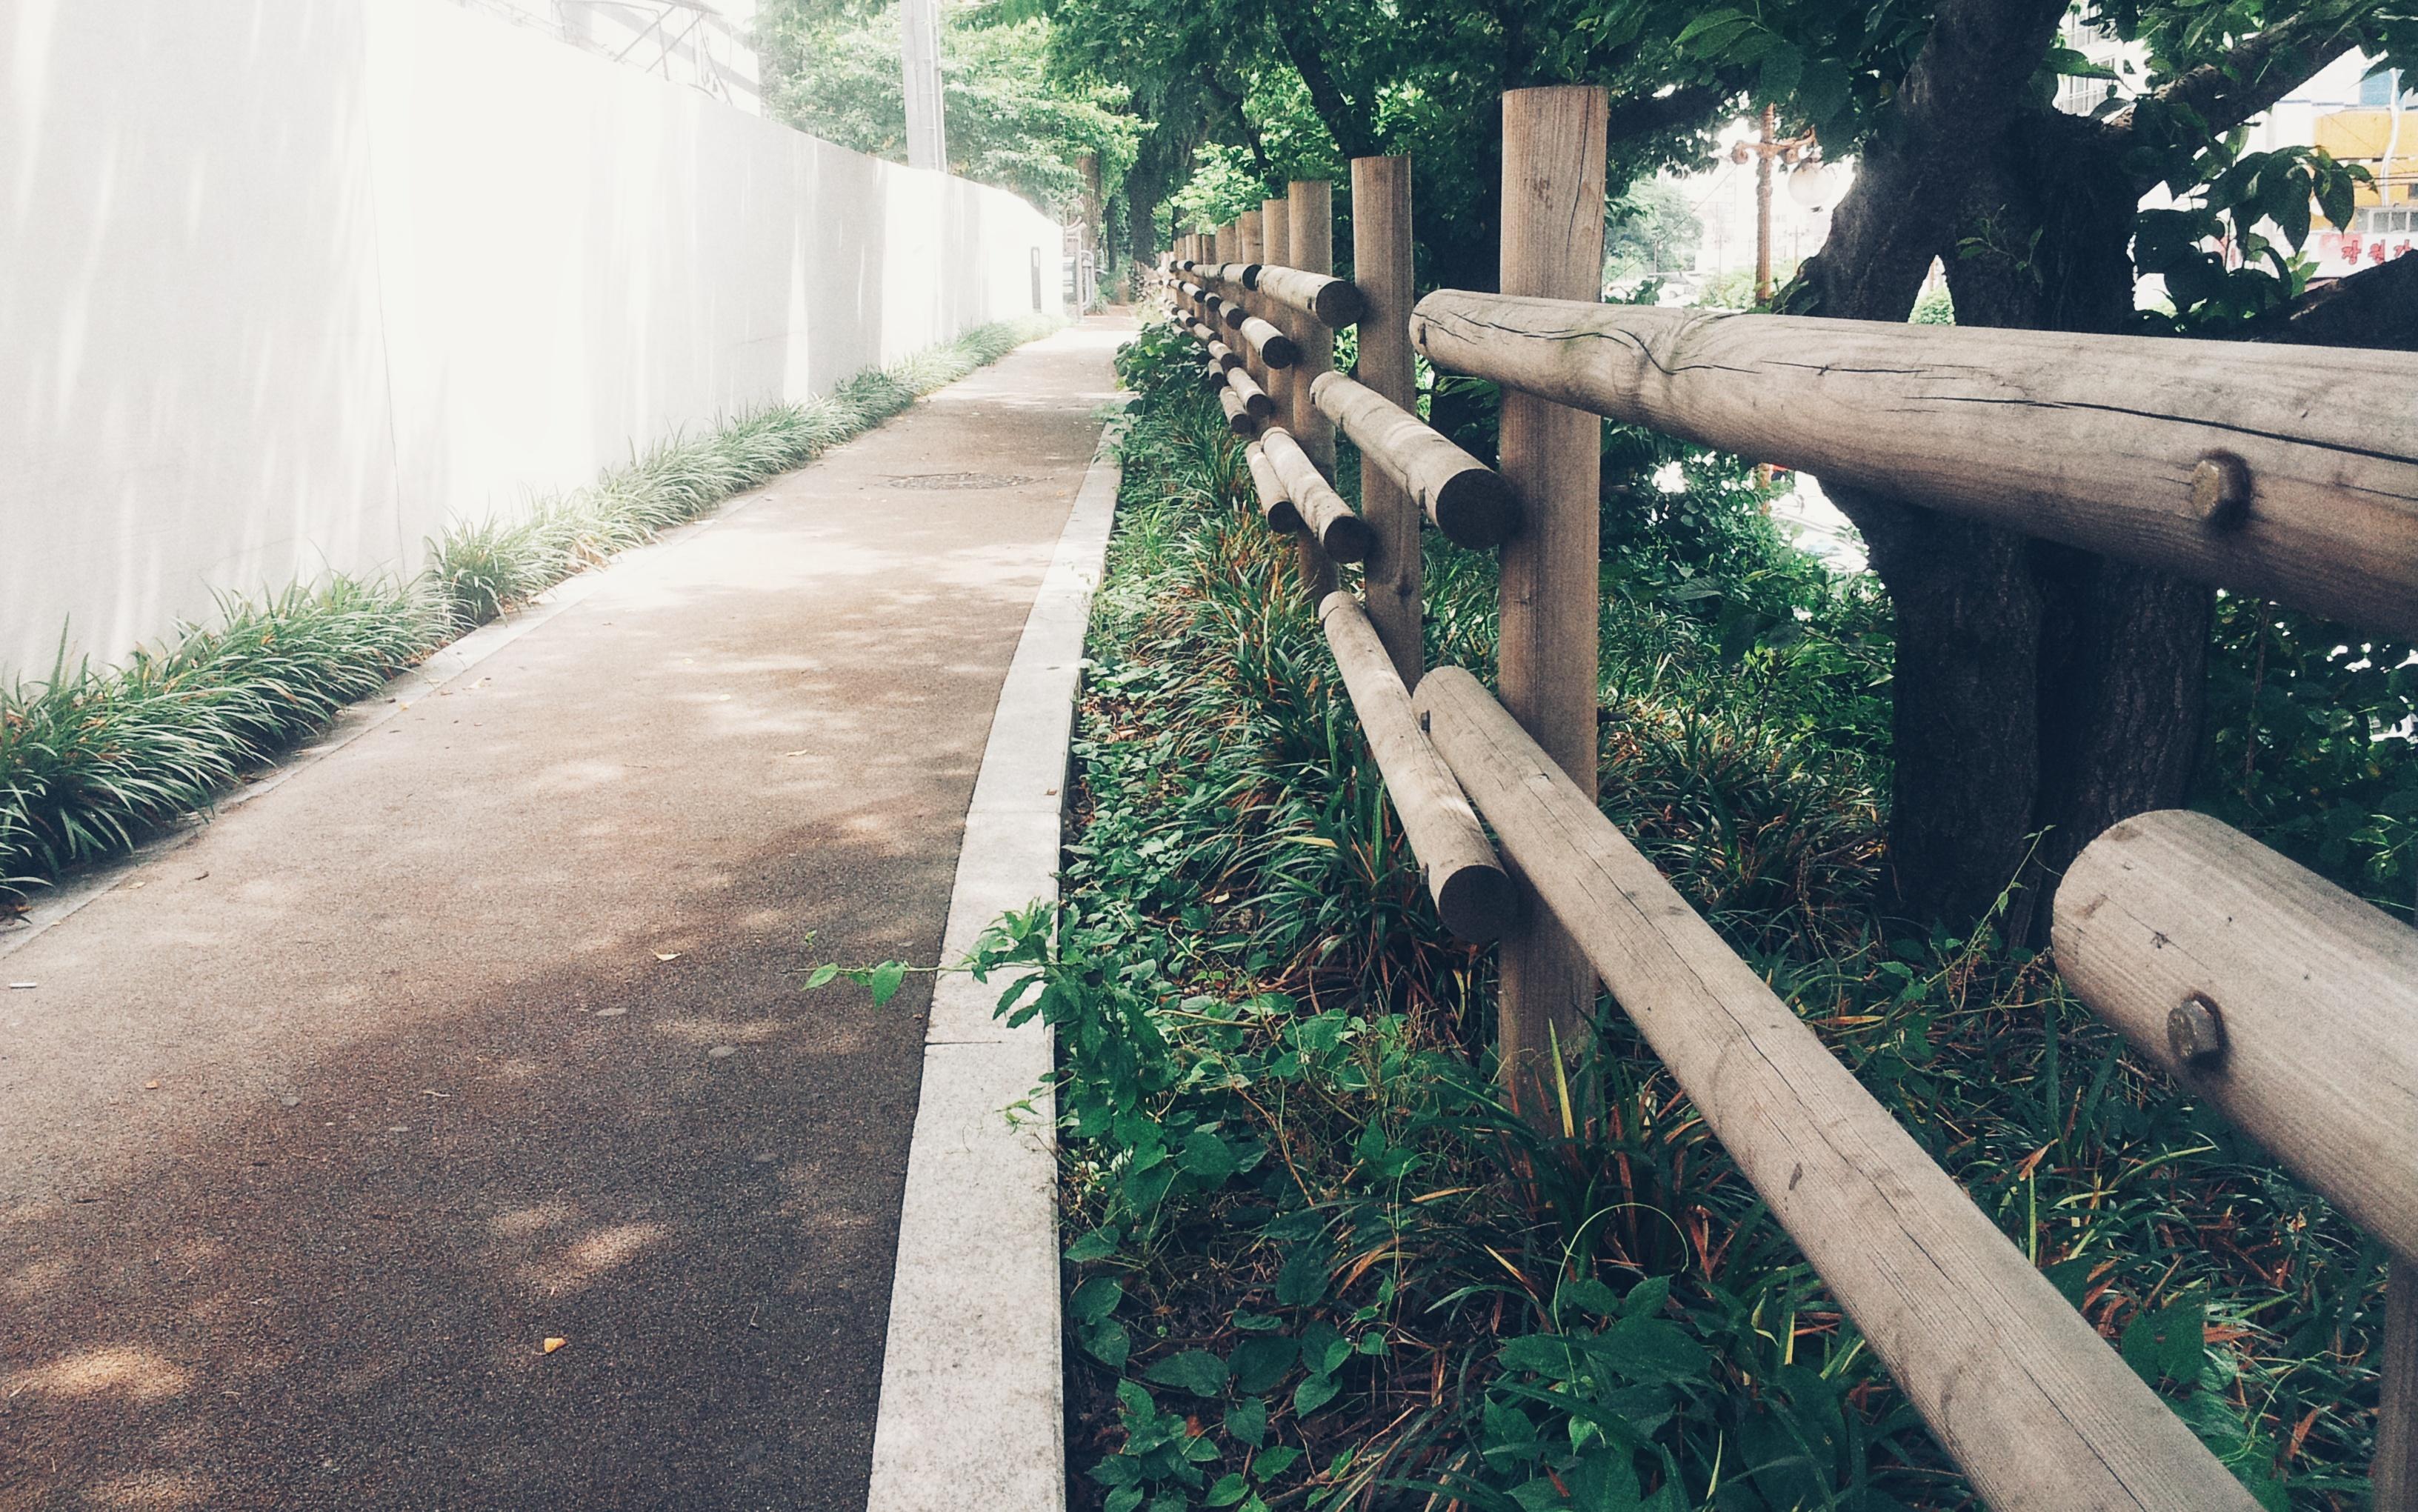 국내 여행 삼림 휴양지 목책 나무 길 햇빛 뽀샤시 판자 갈대 봄길 자연 보호 가로수 웨이 하이킹 무료이미지